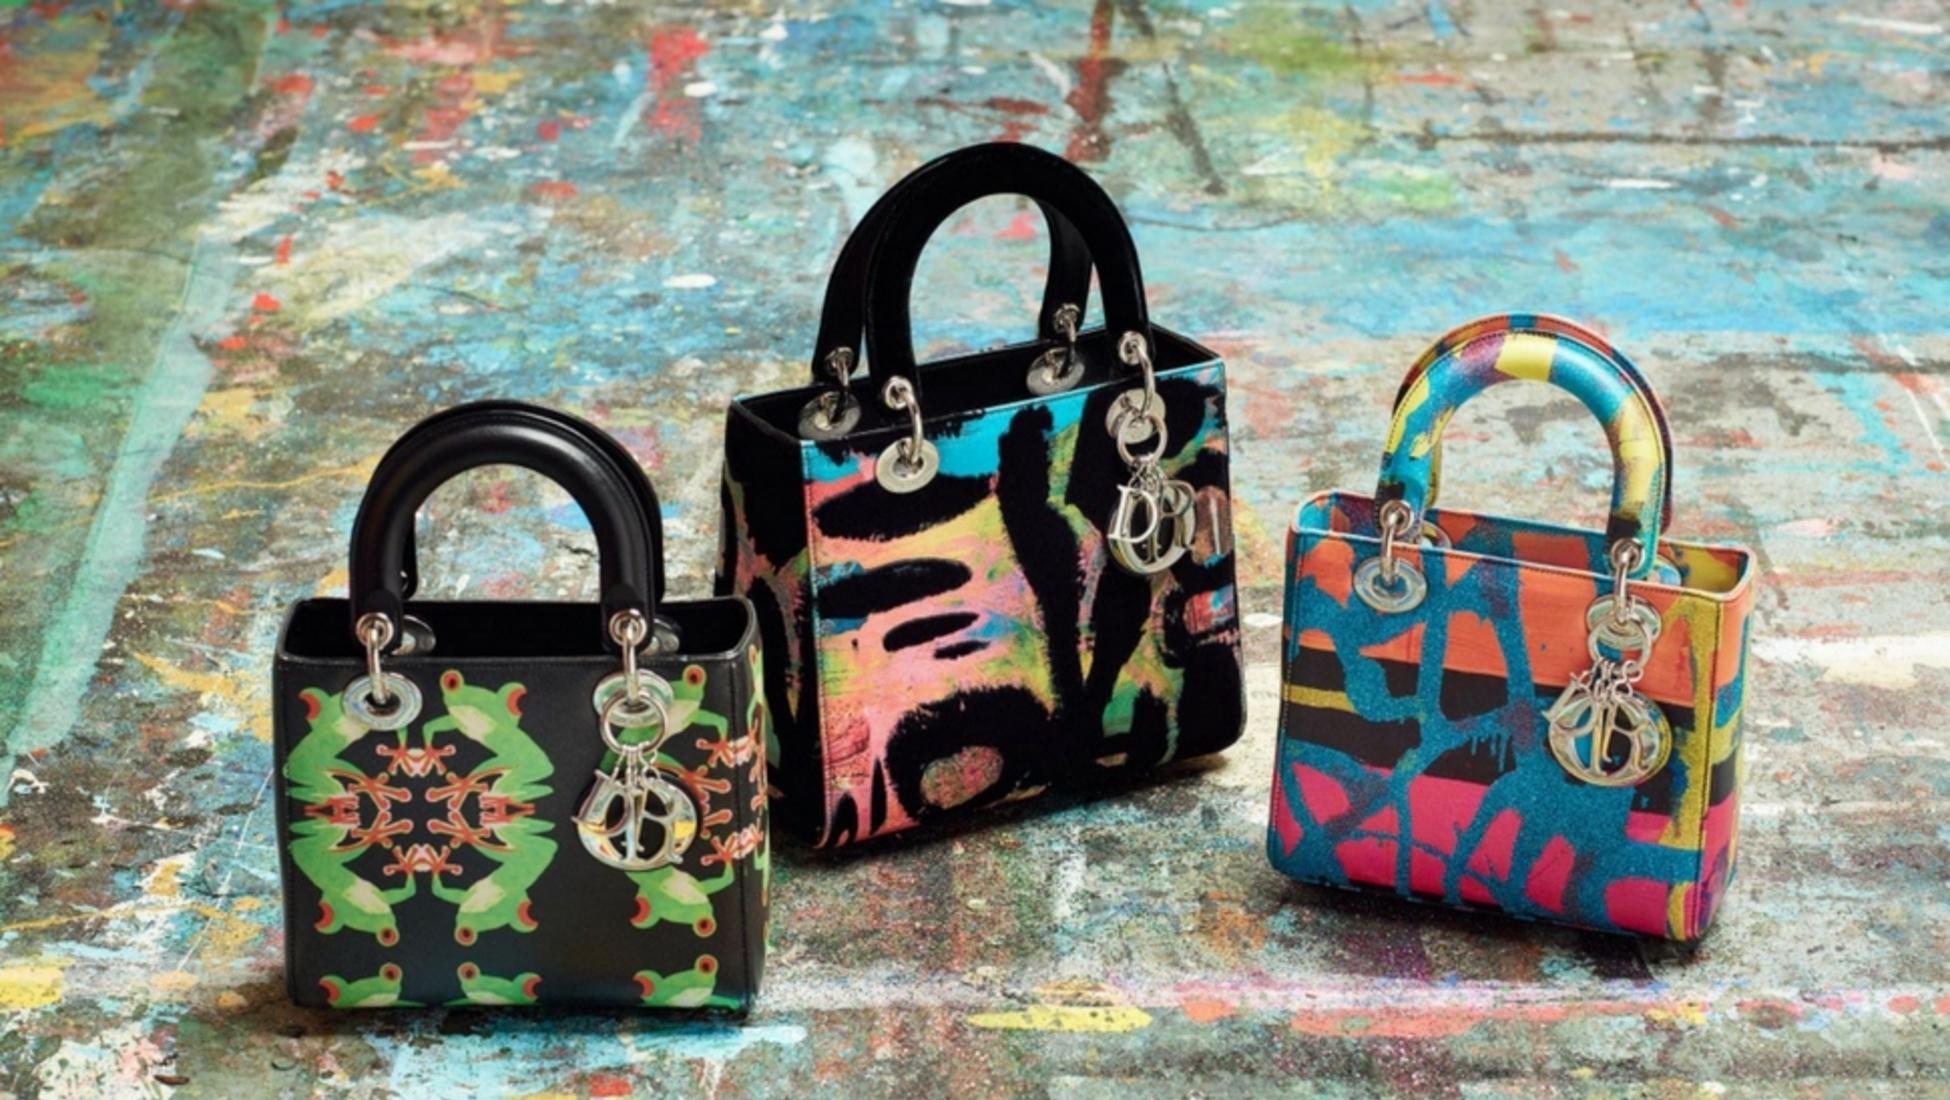 ee4044c9537c Désormais, ces sac à mains en éditions très limitées sont difficiles à  trouver et ont souvent beaucoup de valeur.